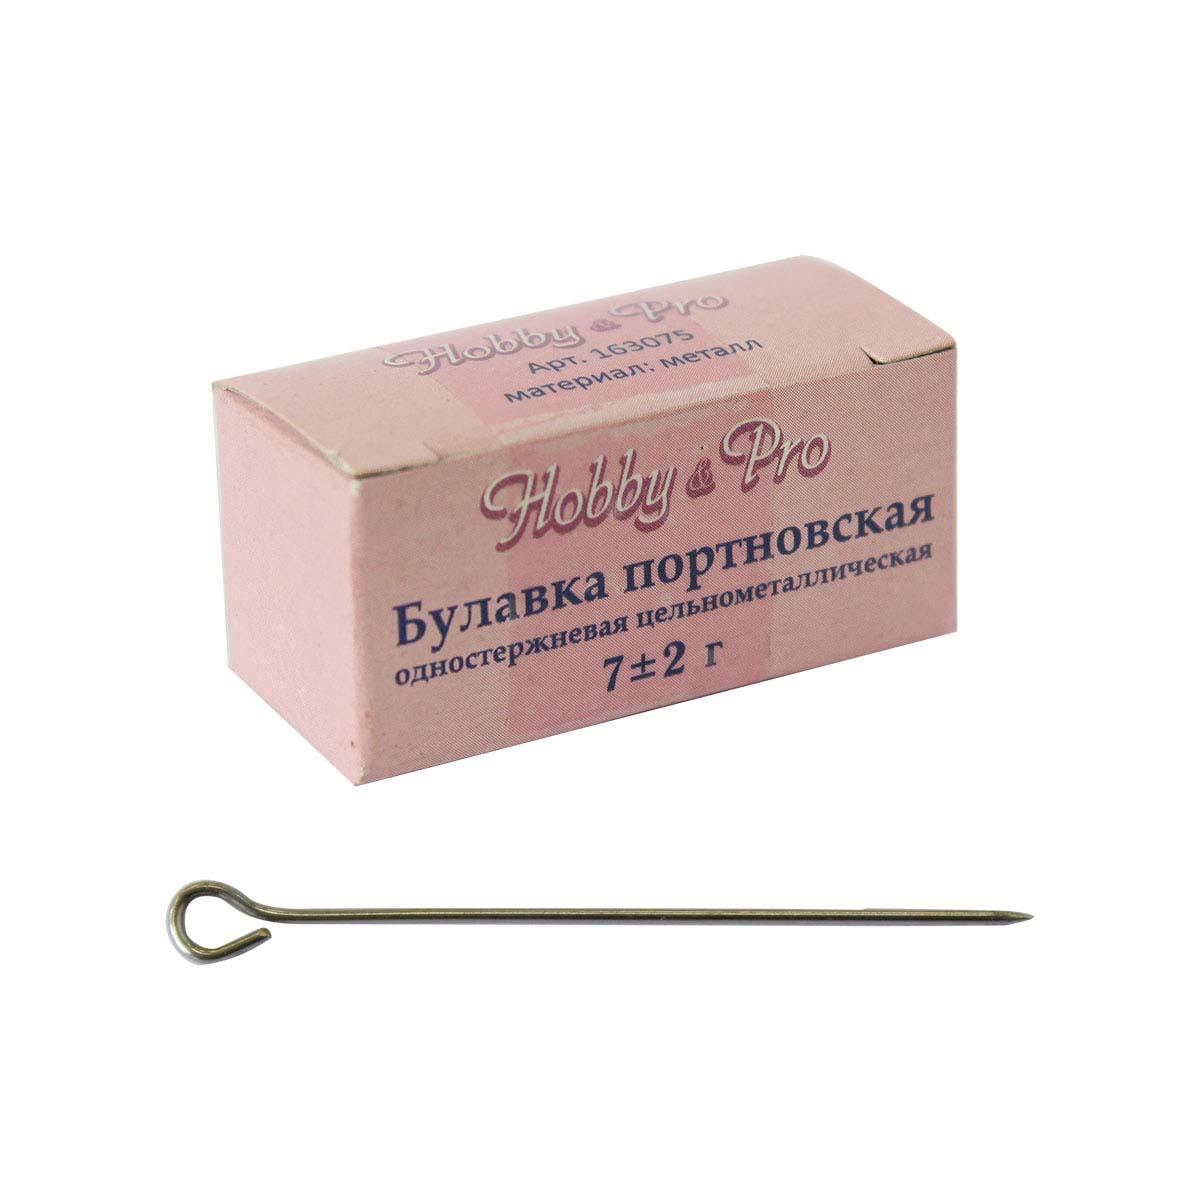 Булавки портновские, упак./7 гр., Hobby&Pro